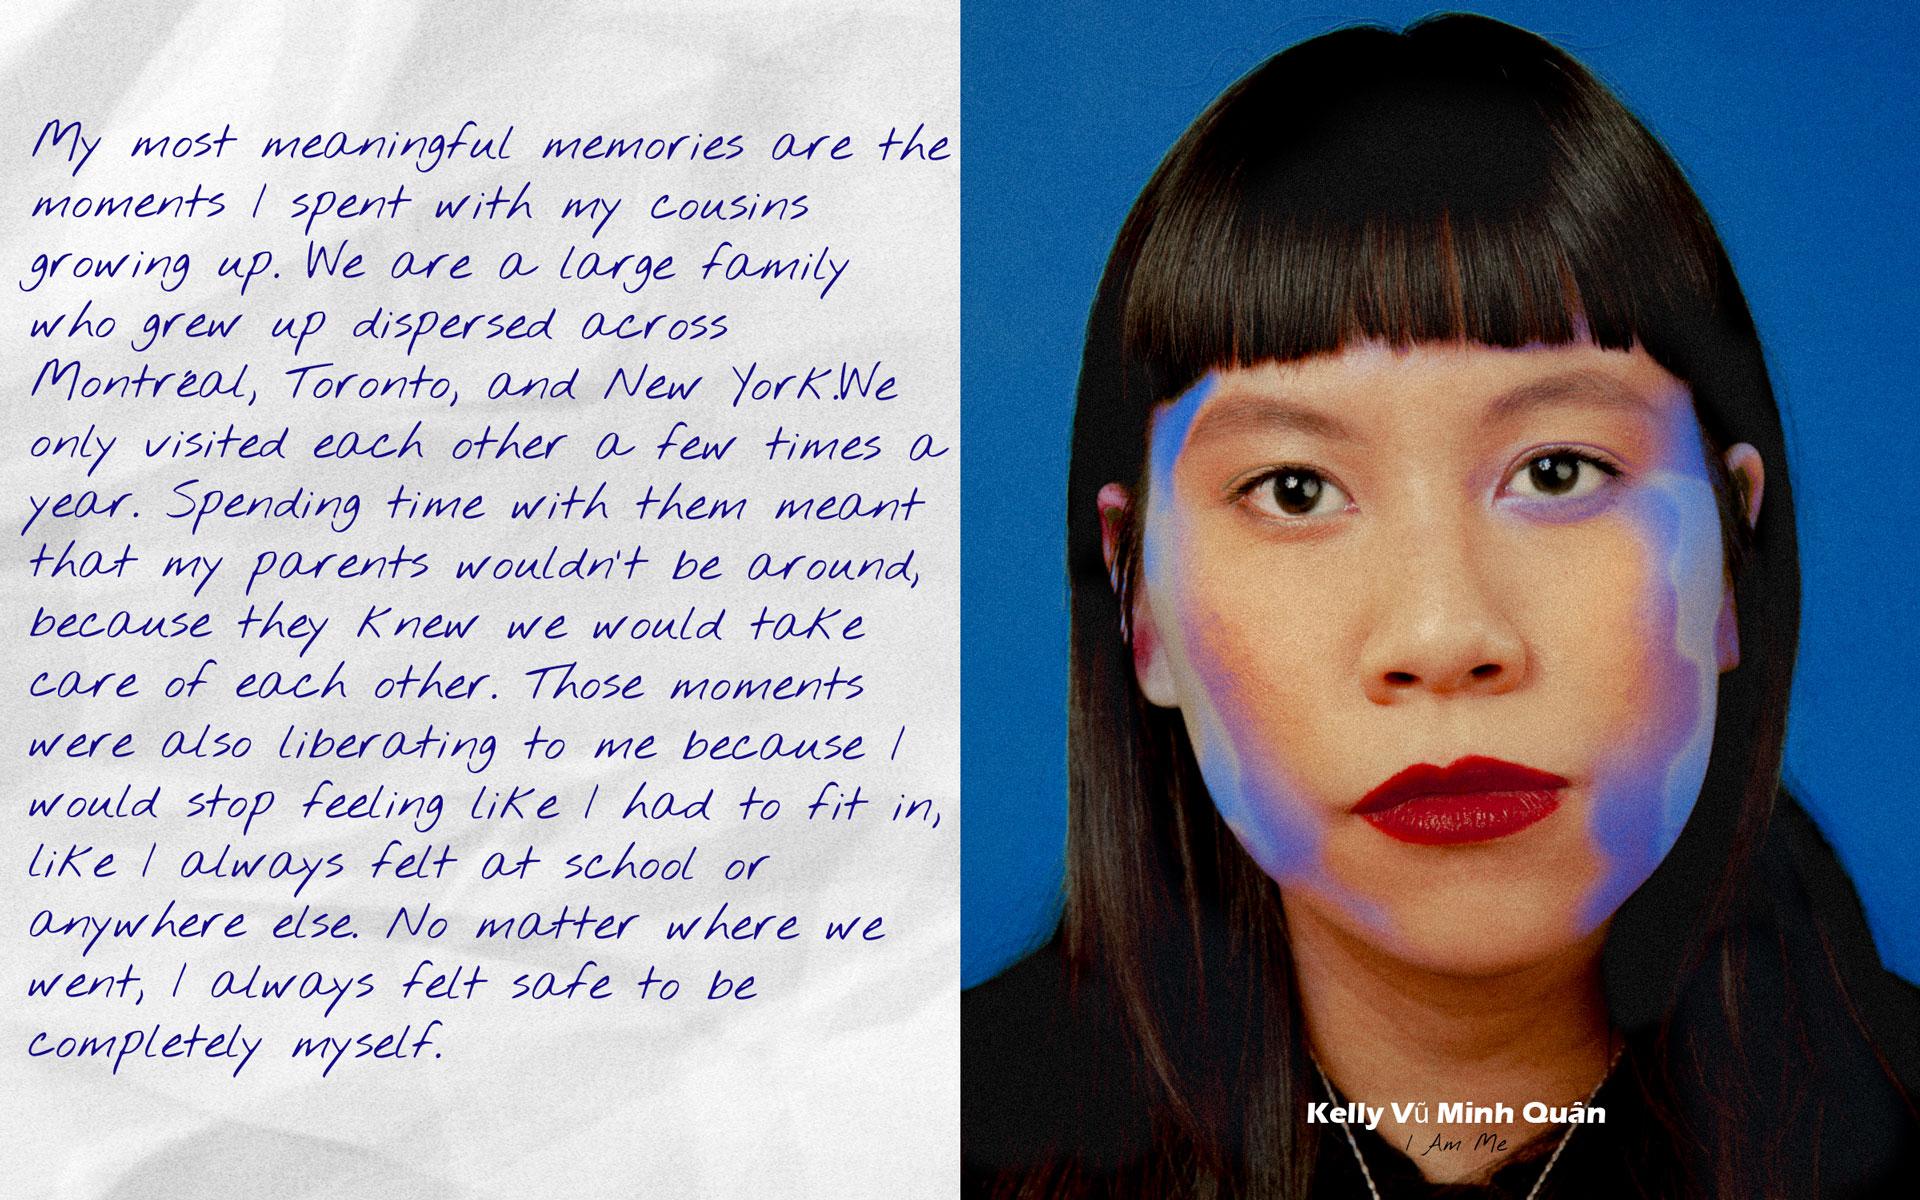 Kelly Vū Minh Quân